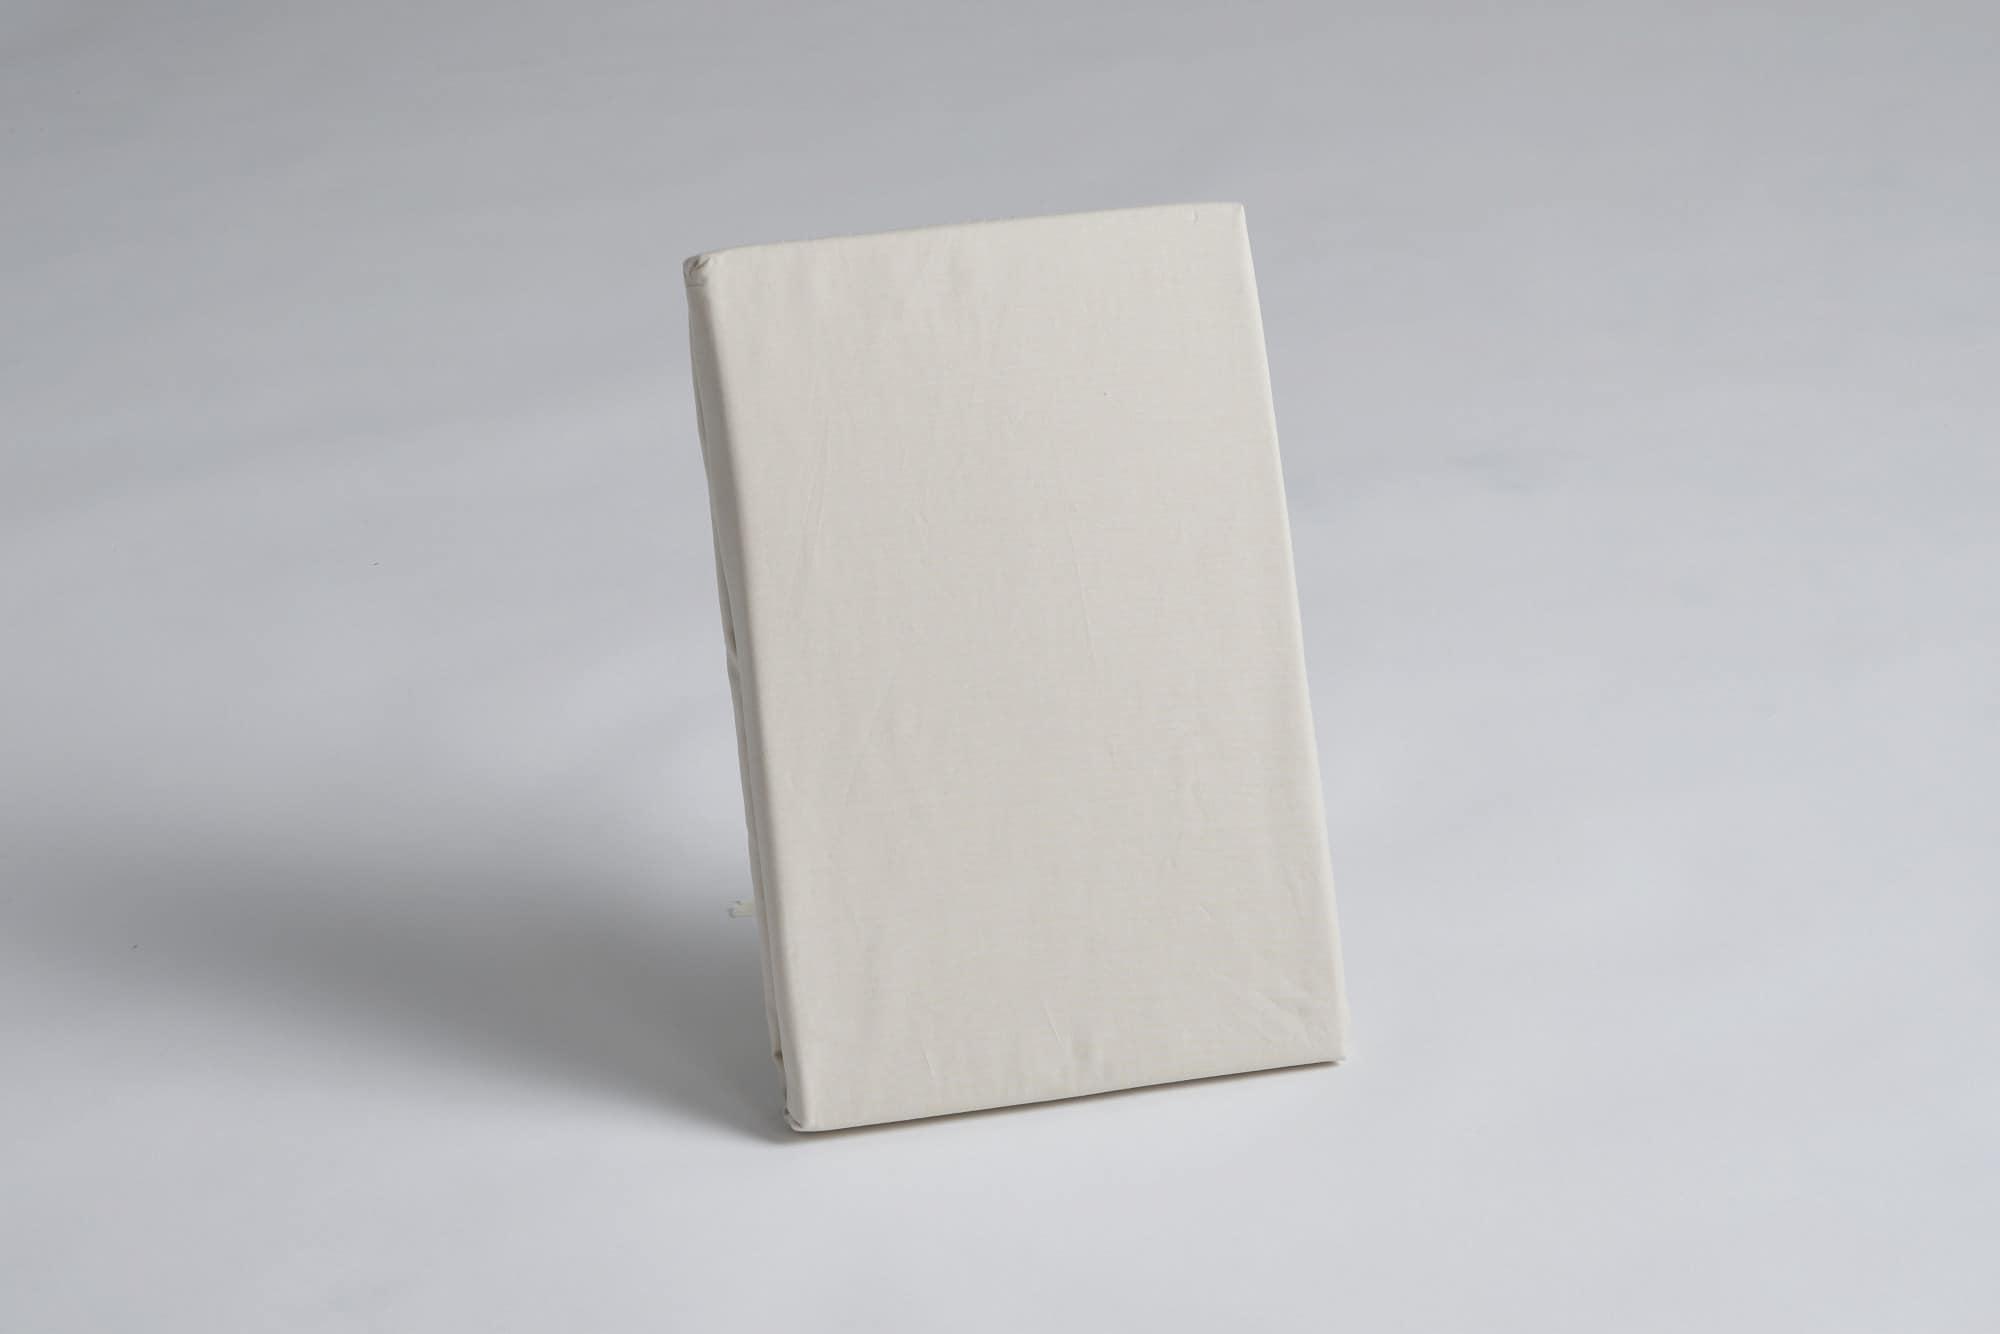 ボックスシーツ ダブル用 36H ナチュラル:《綿100%を使用したボックスシーツ》